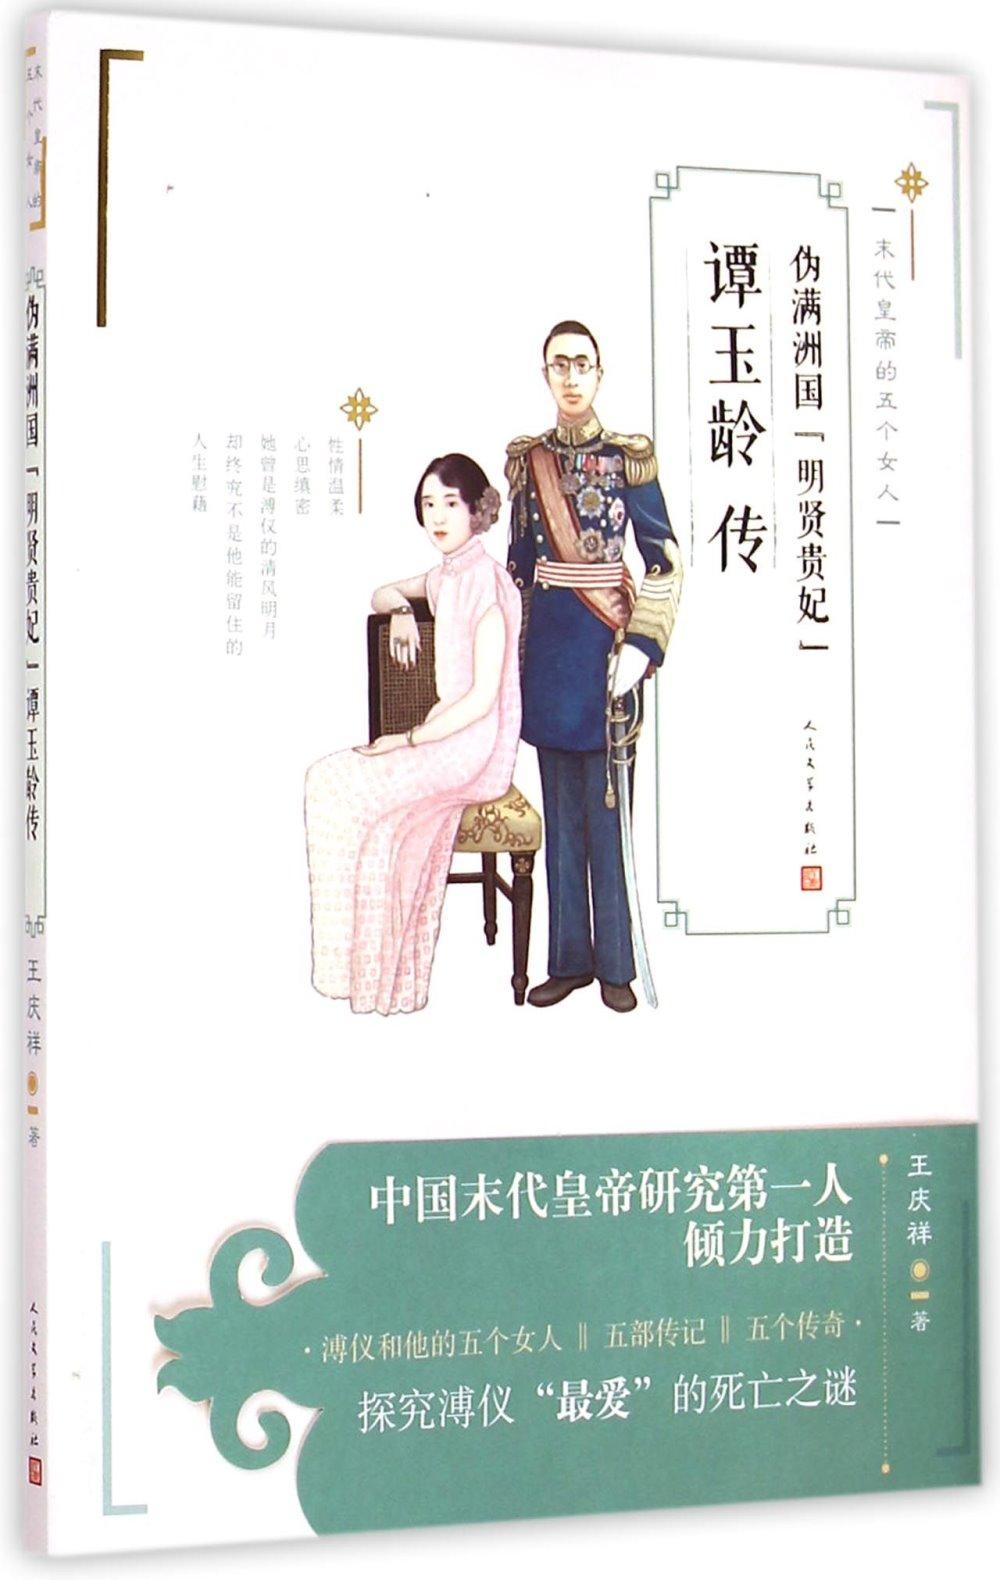 偽滿洲國「明賢貴妃」譚玉齡傳